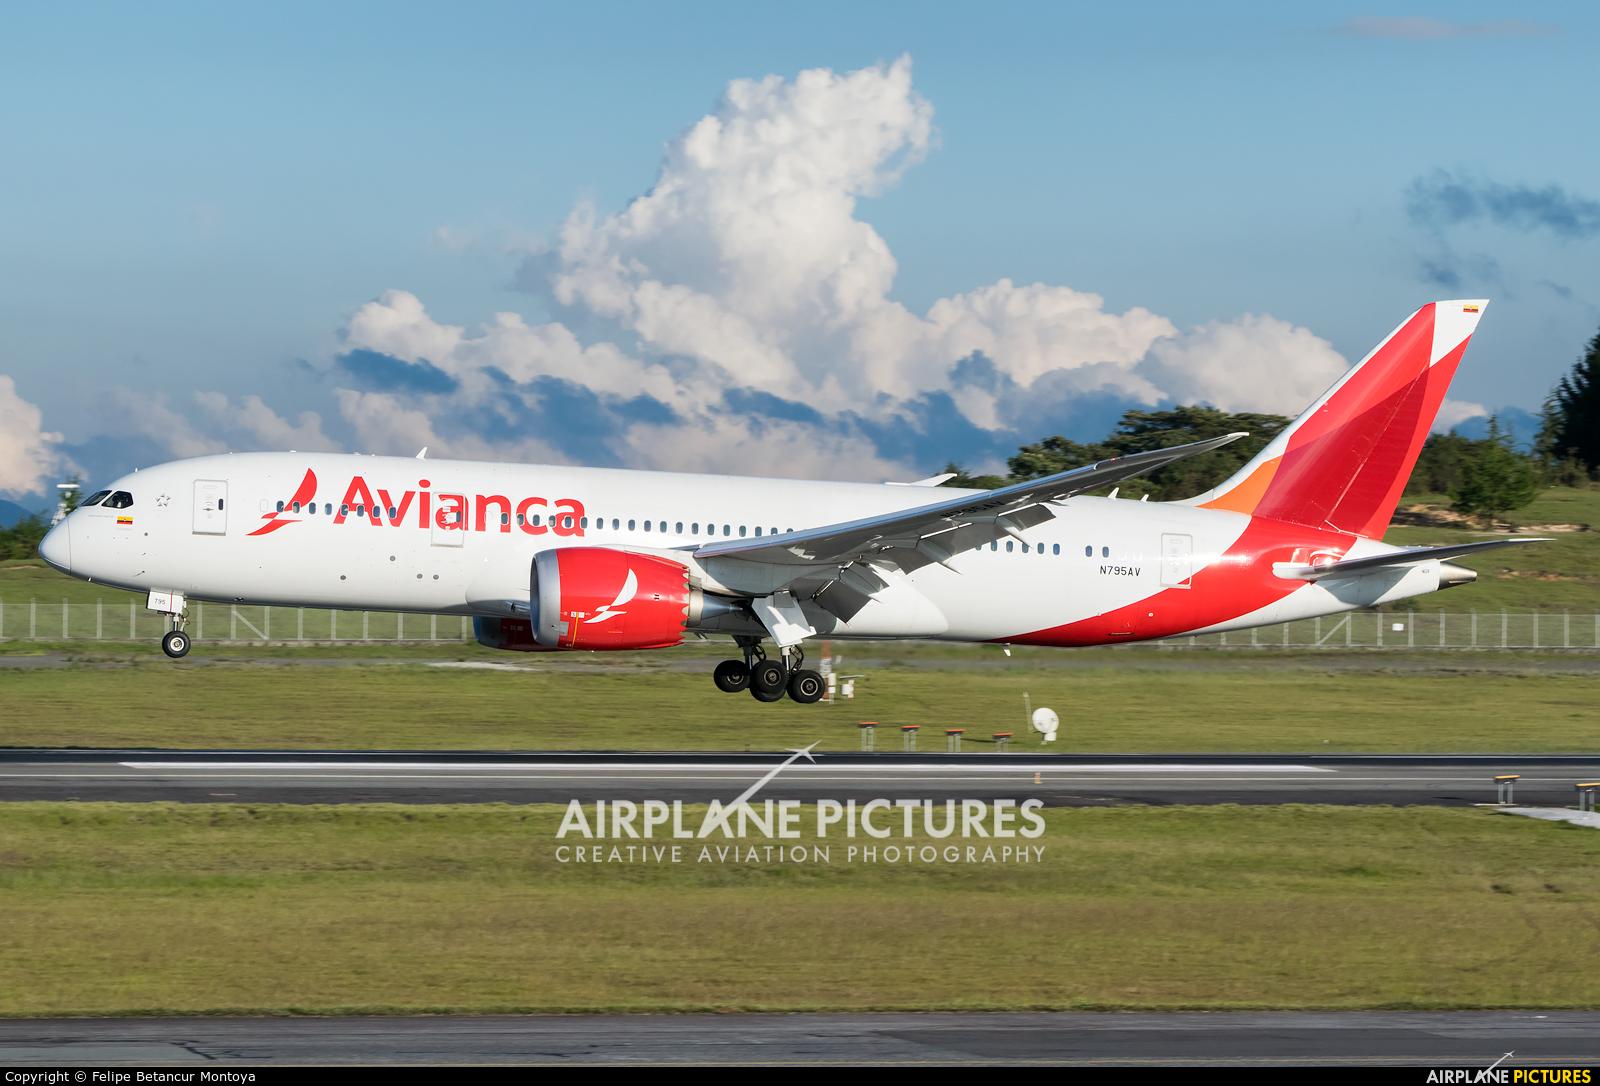 Avianca N795AV aircraft at Medellin - Jose Maria Cordova Intl